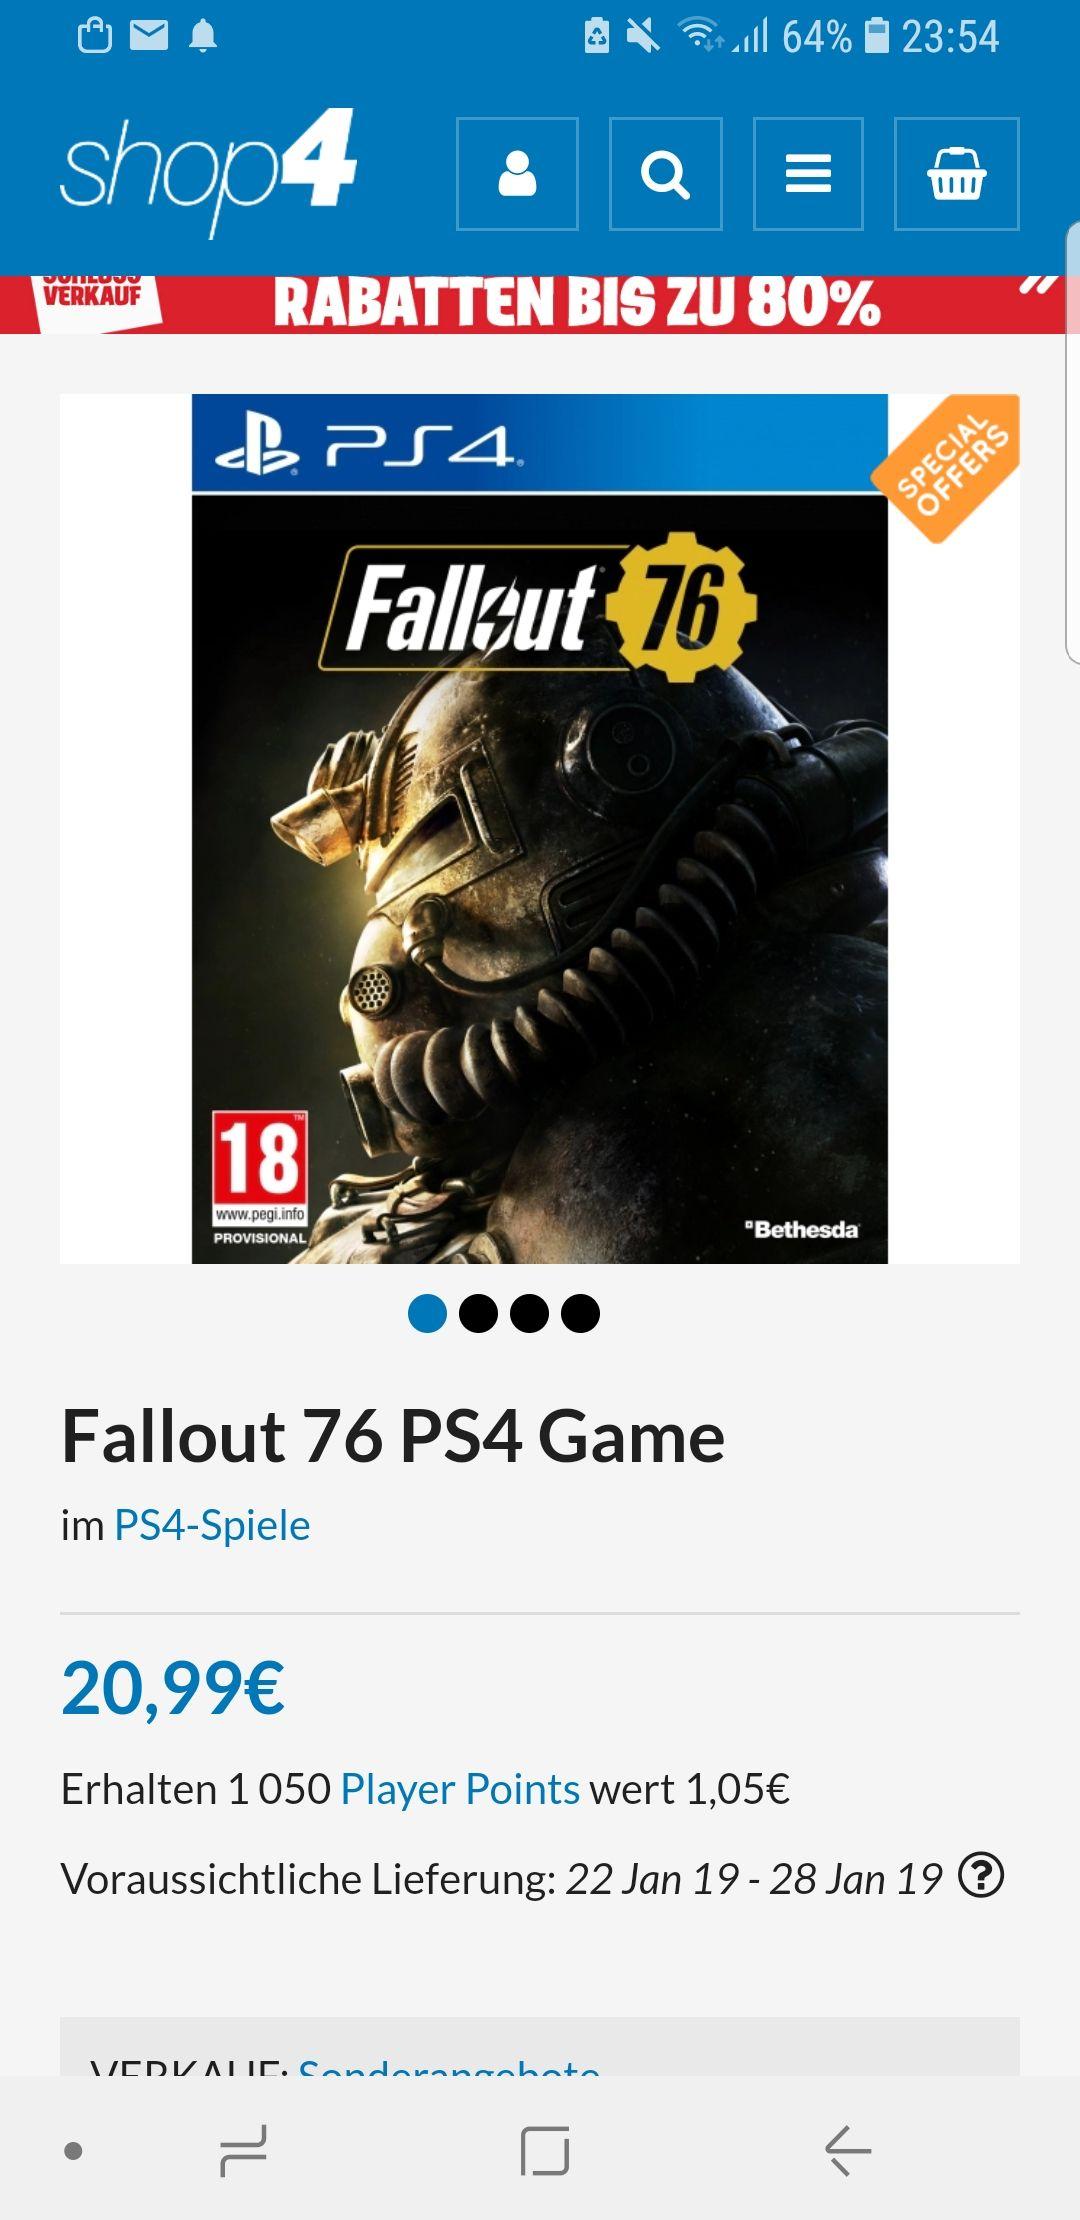 Shop4de.com Fallout 76 PS4 Game